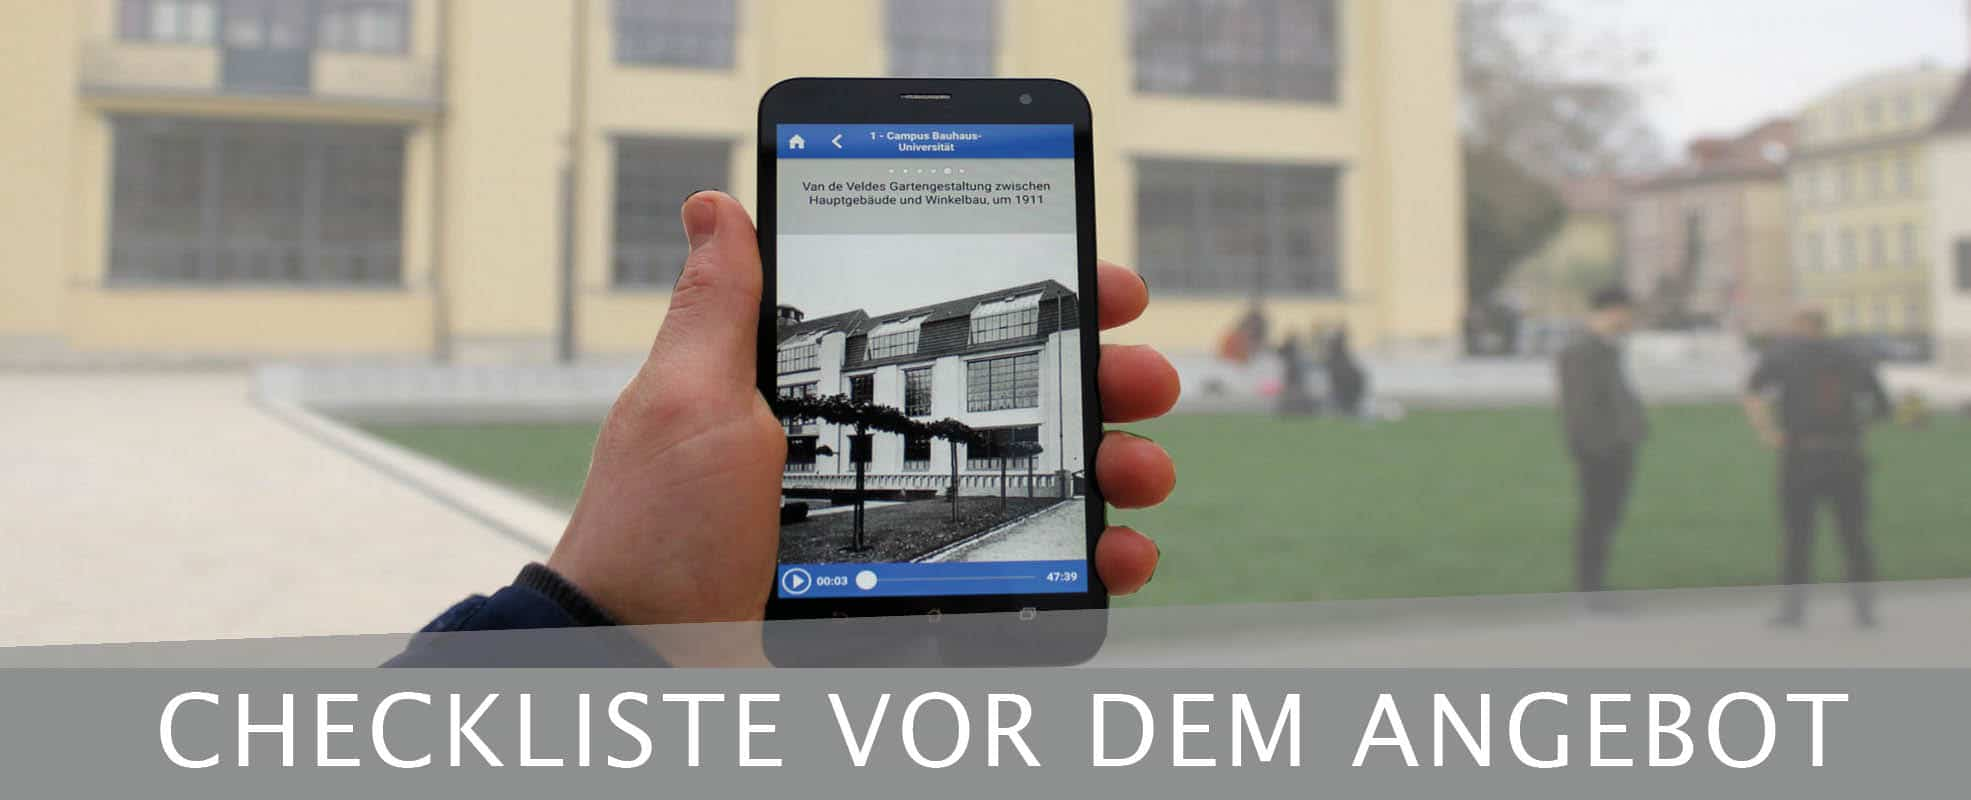 Checkliste-Museums-App-auf-Smartphone-in-einer-Hand